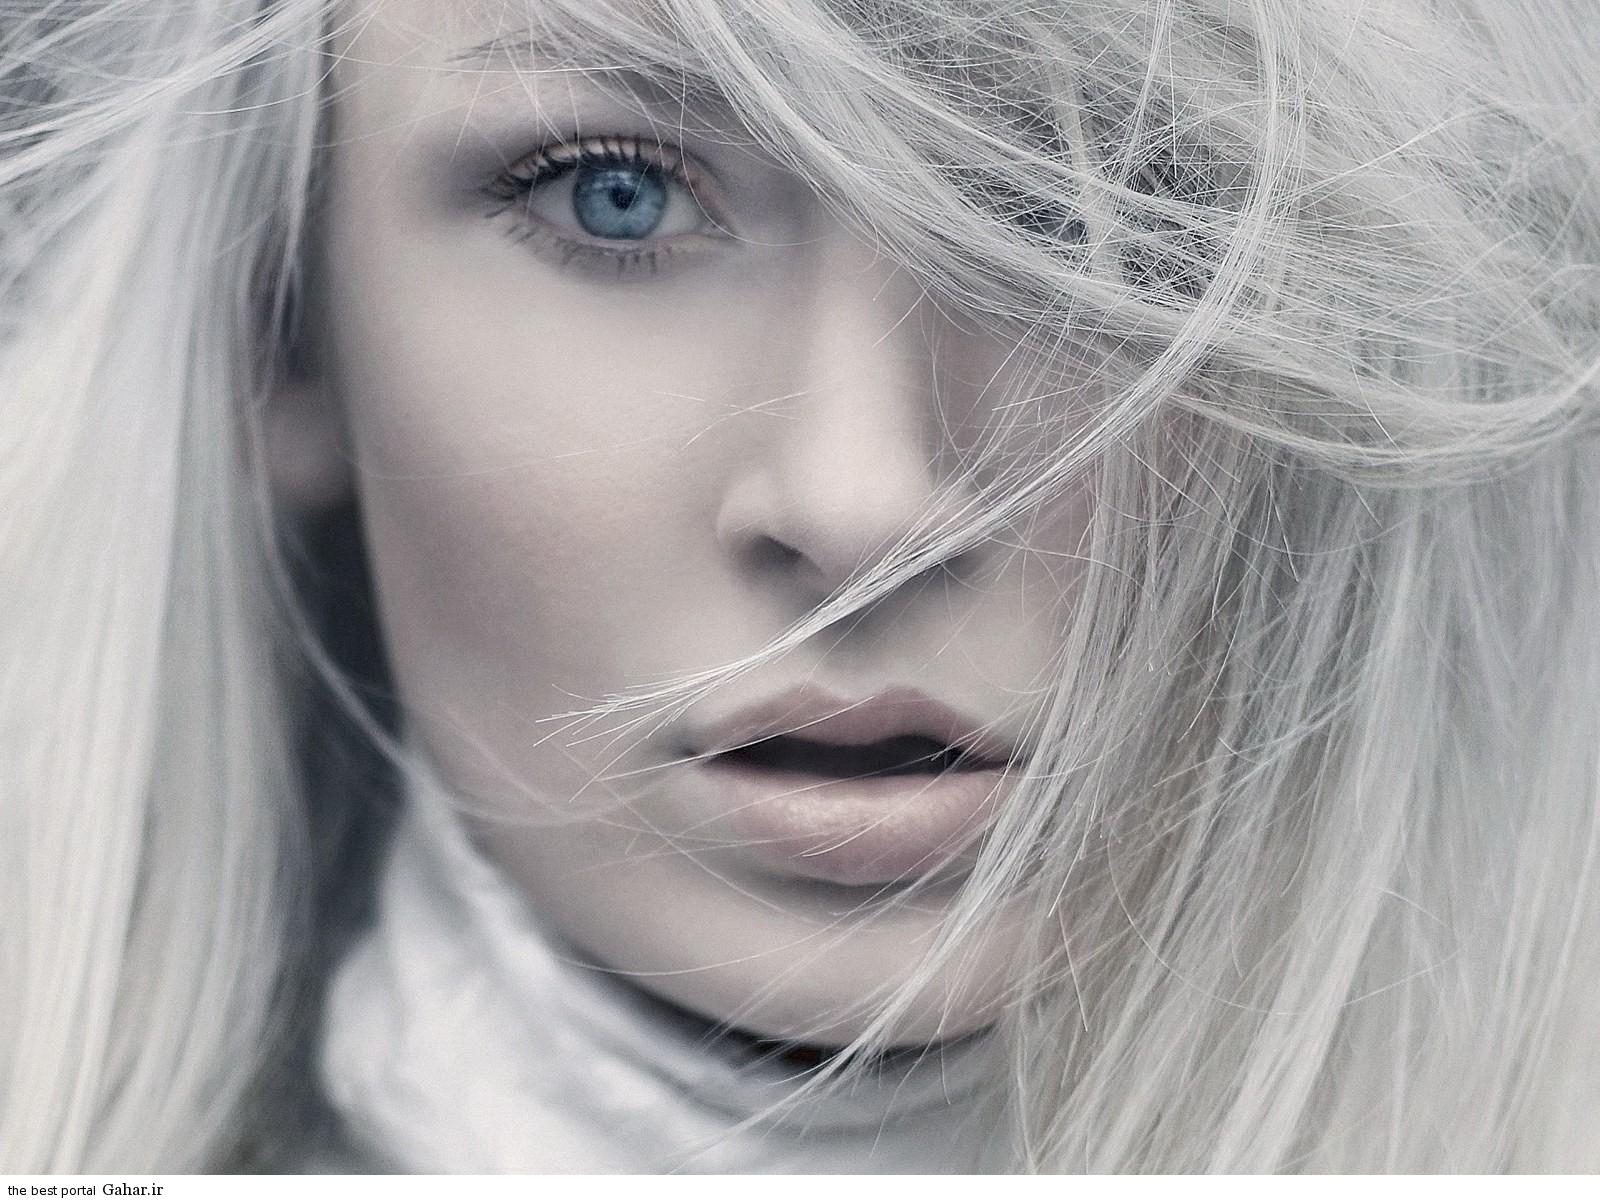 Blue eyes white hair HD Wallpapers راه های طبیعی برای جلوگیری از سفید شدن مو